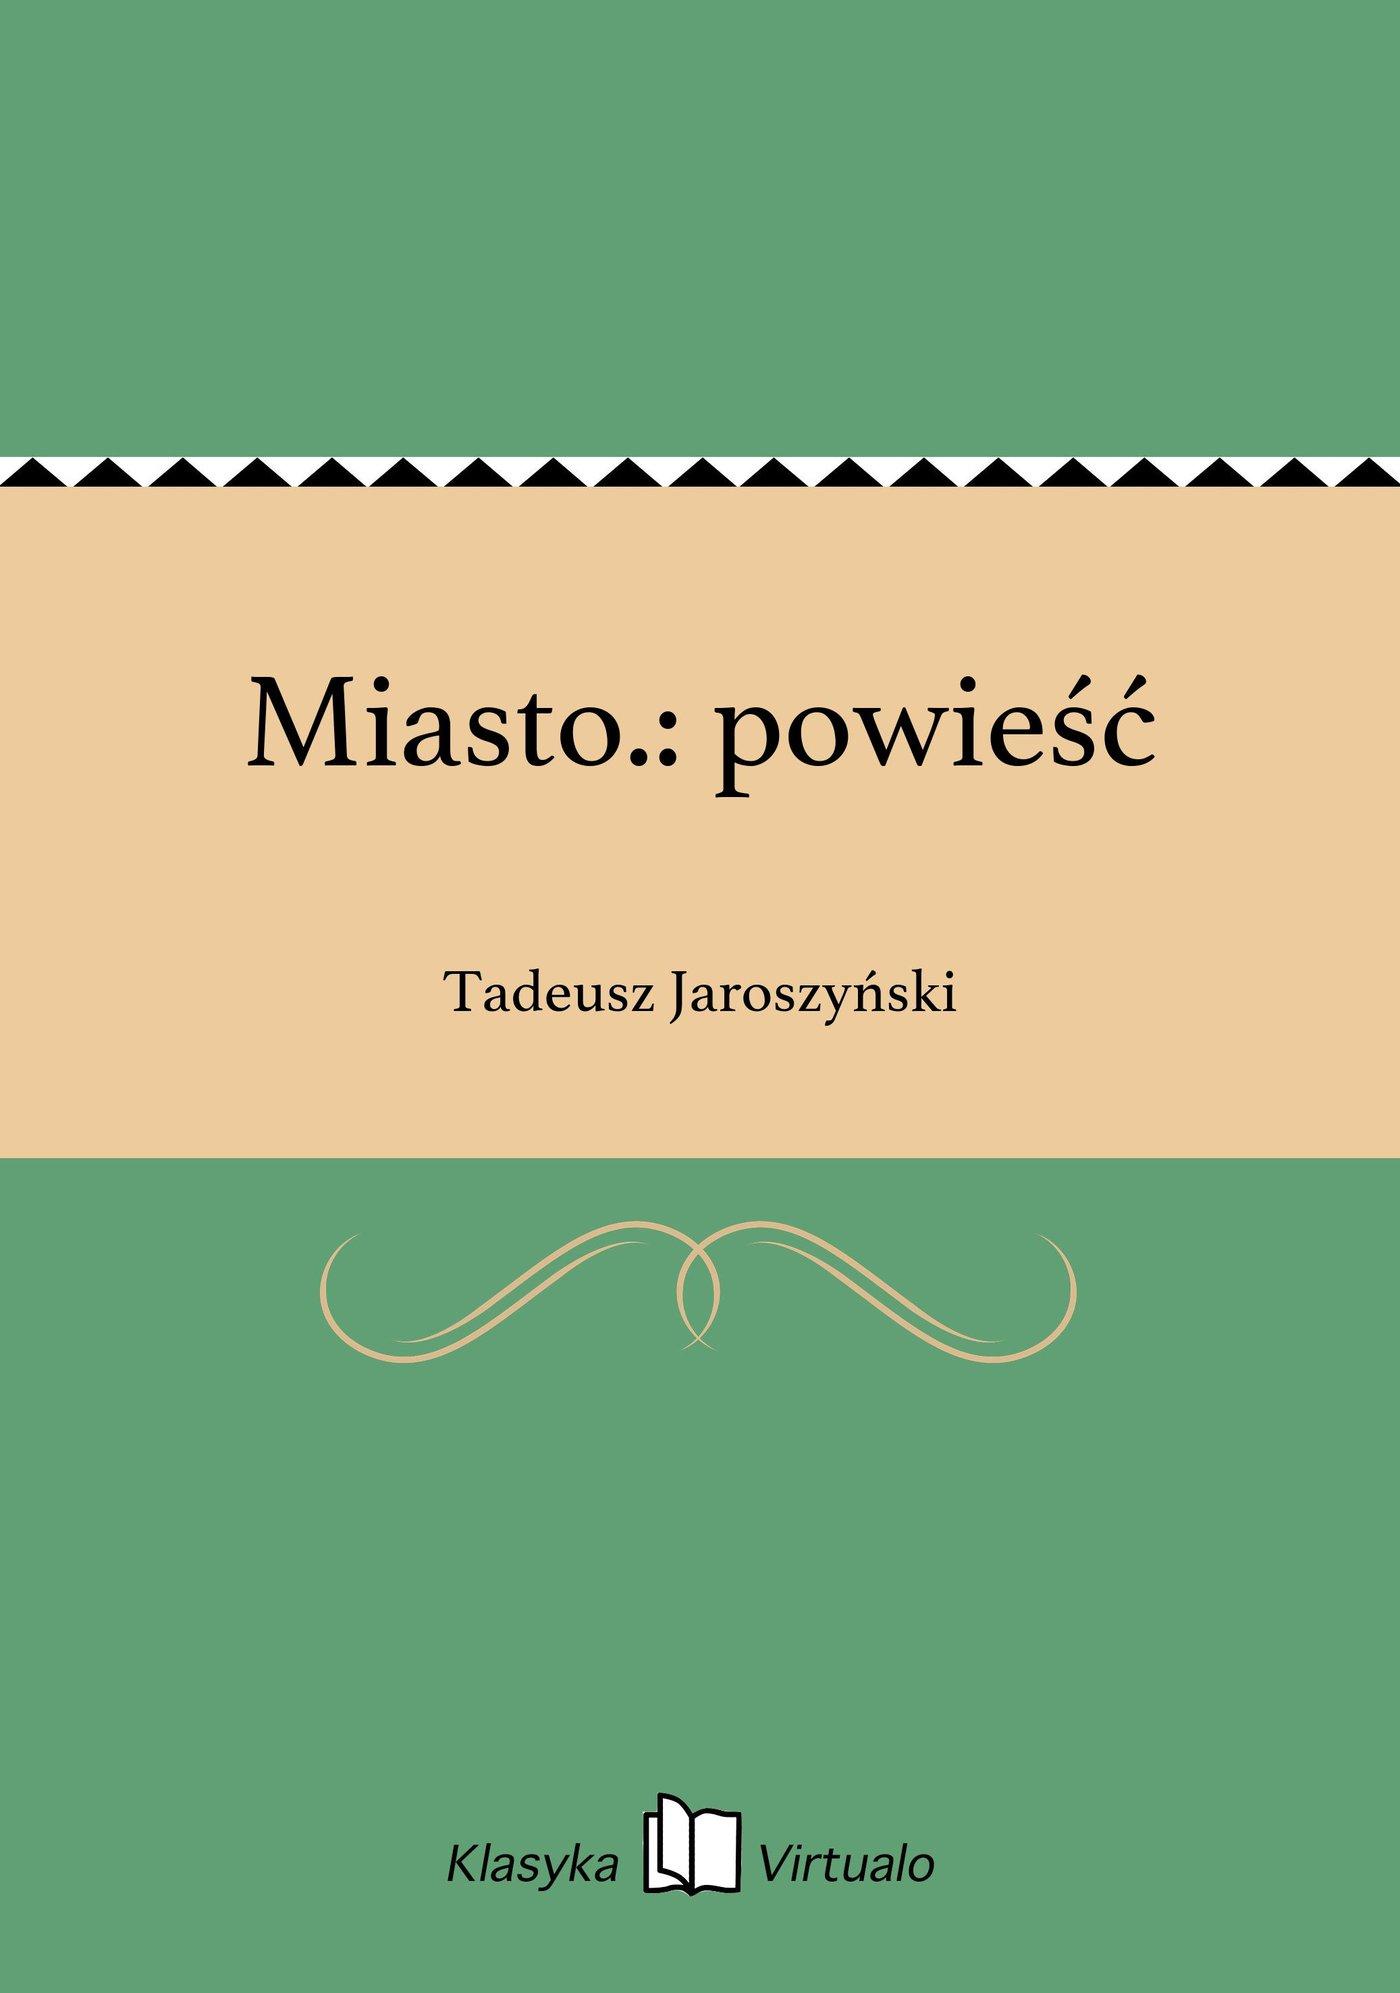 Miasto.: powieść - Ebook (Książka na Kindle) do pobrania w formacie MOBI